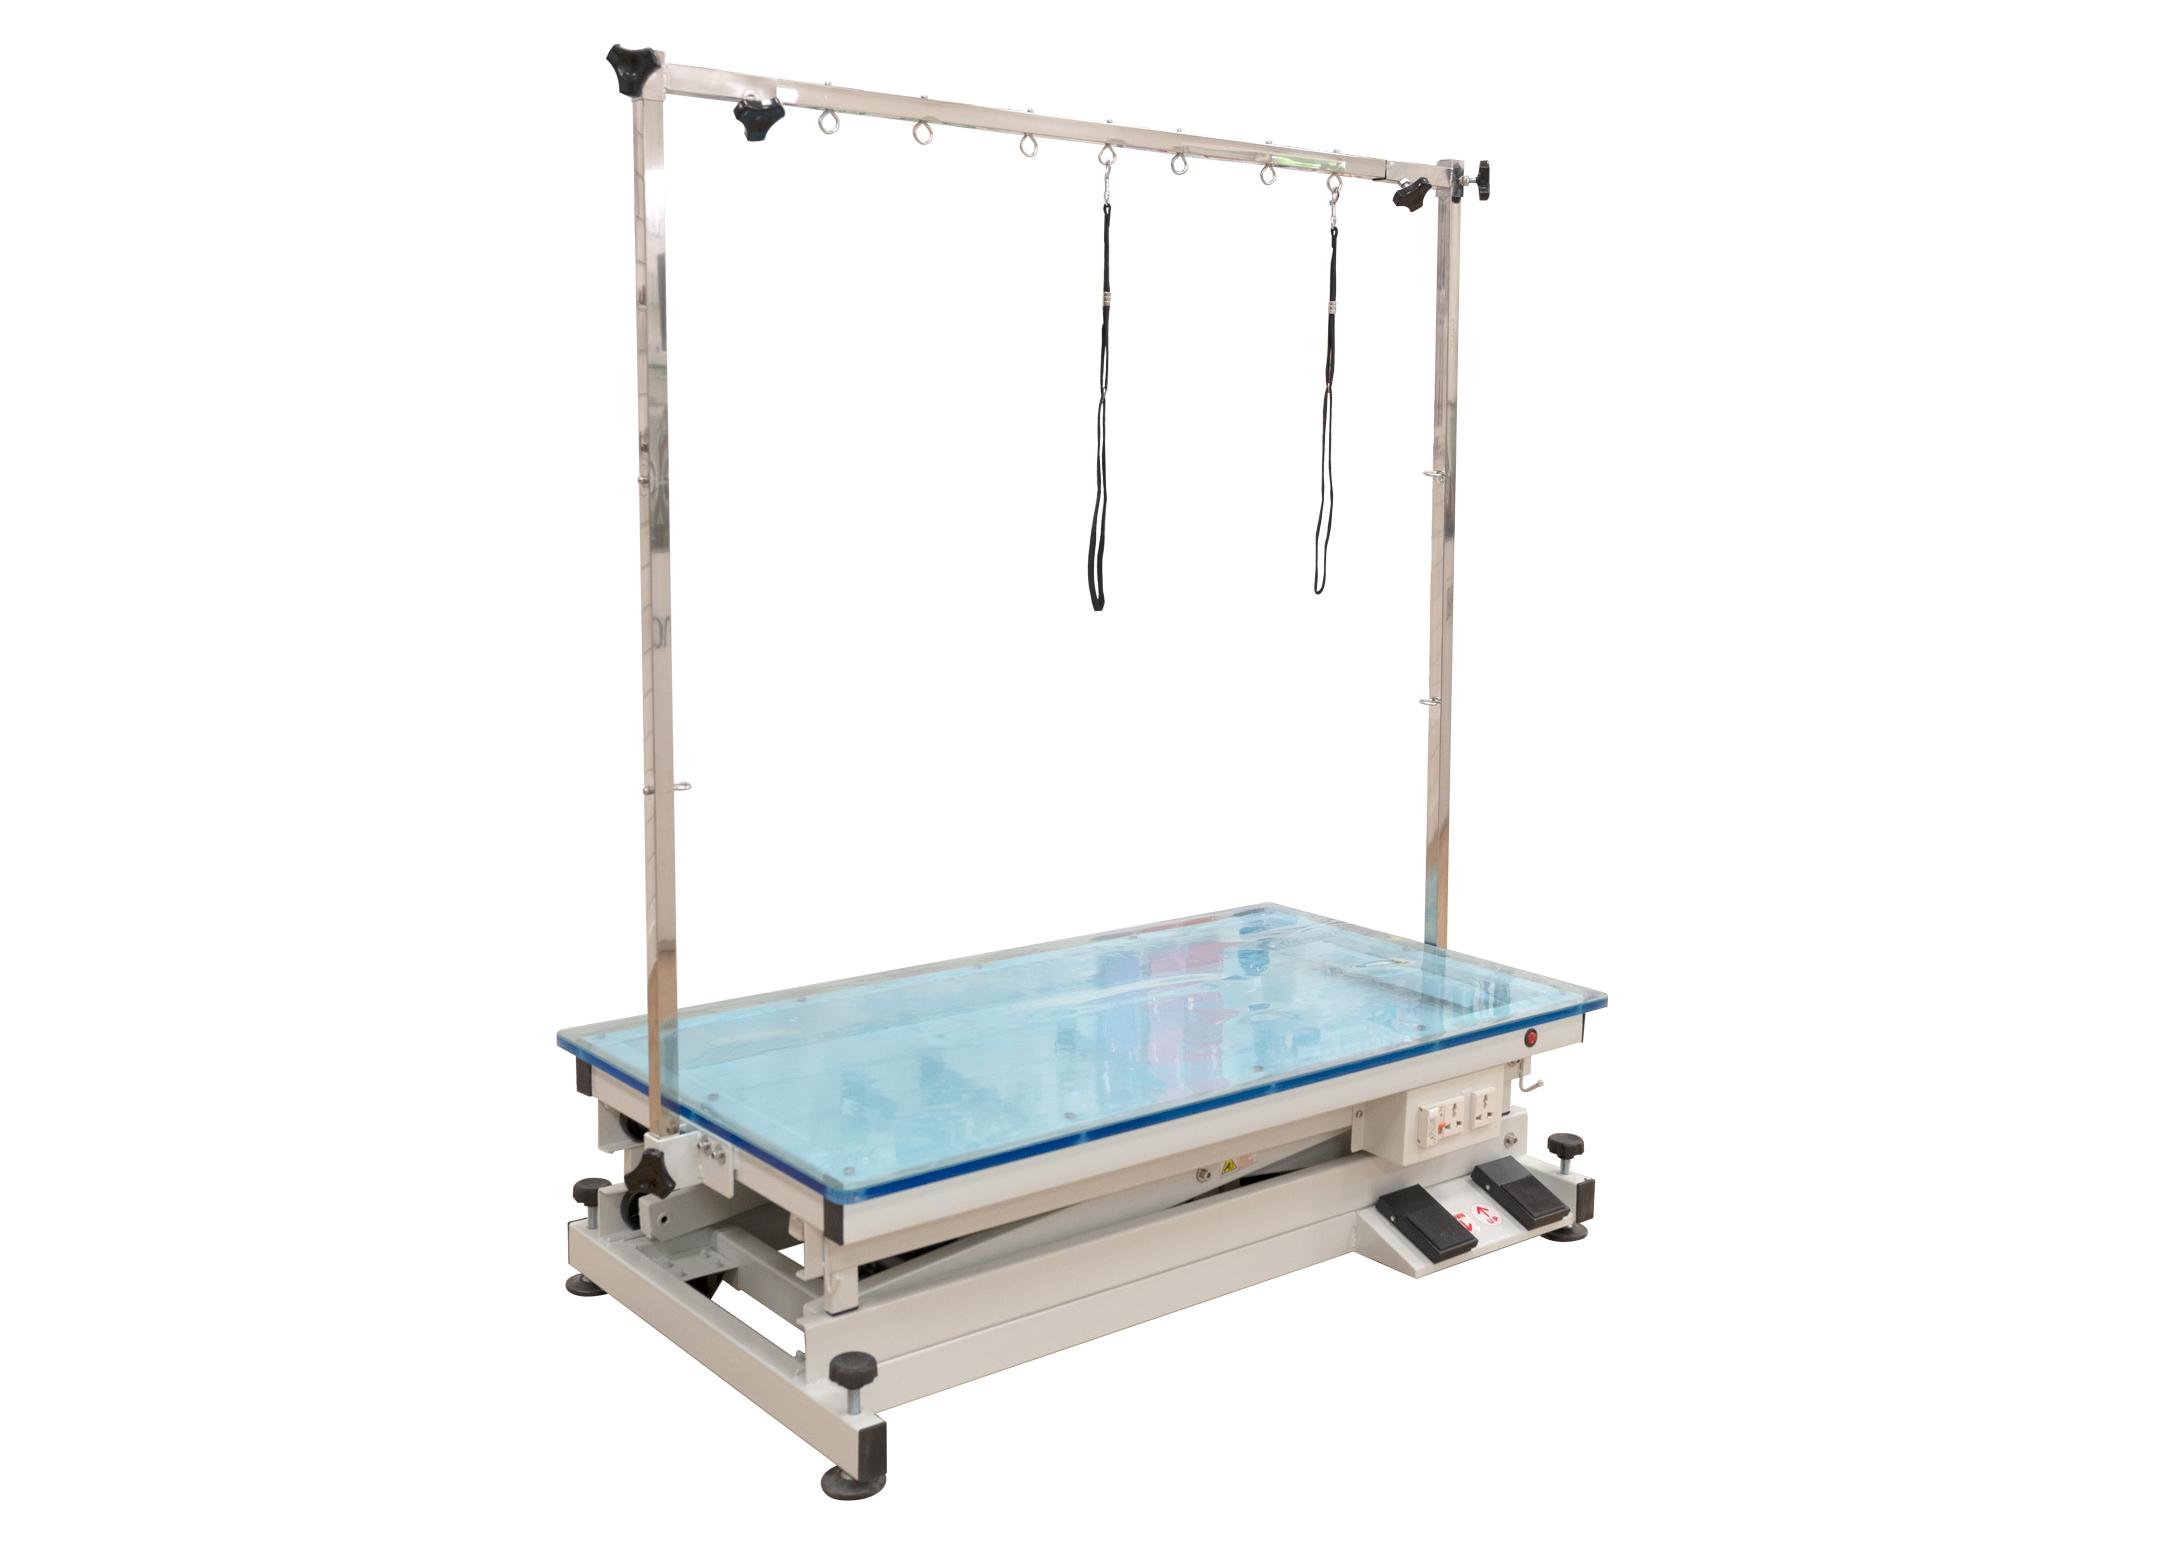 Groom-X LowLine Salon Table Surface Illuminé 110x60x32-102cm avec Potence Double Table De Toilettage Professionnel